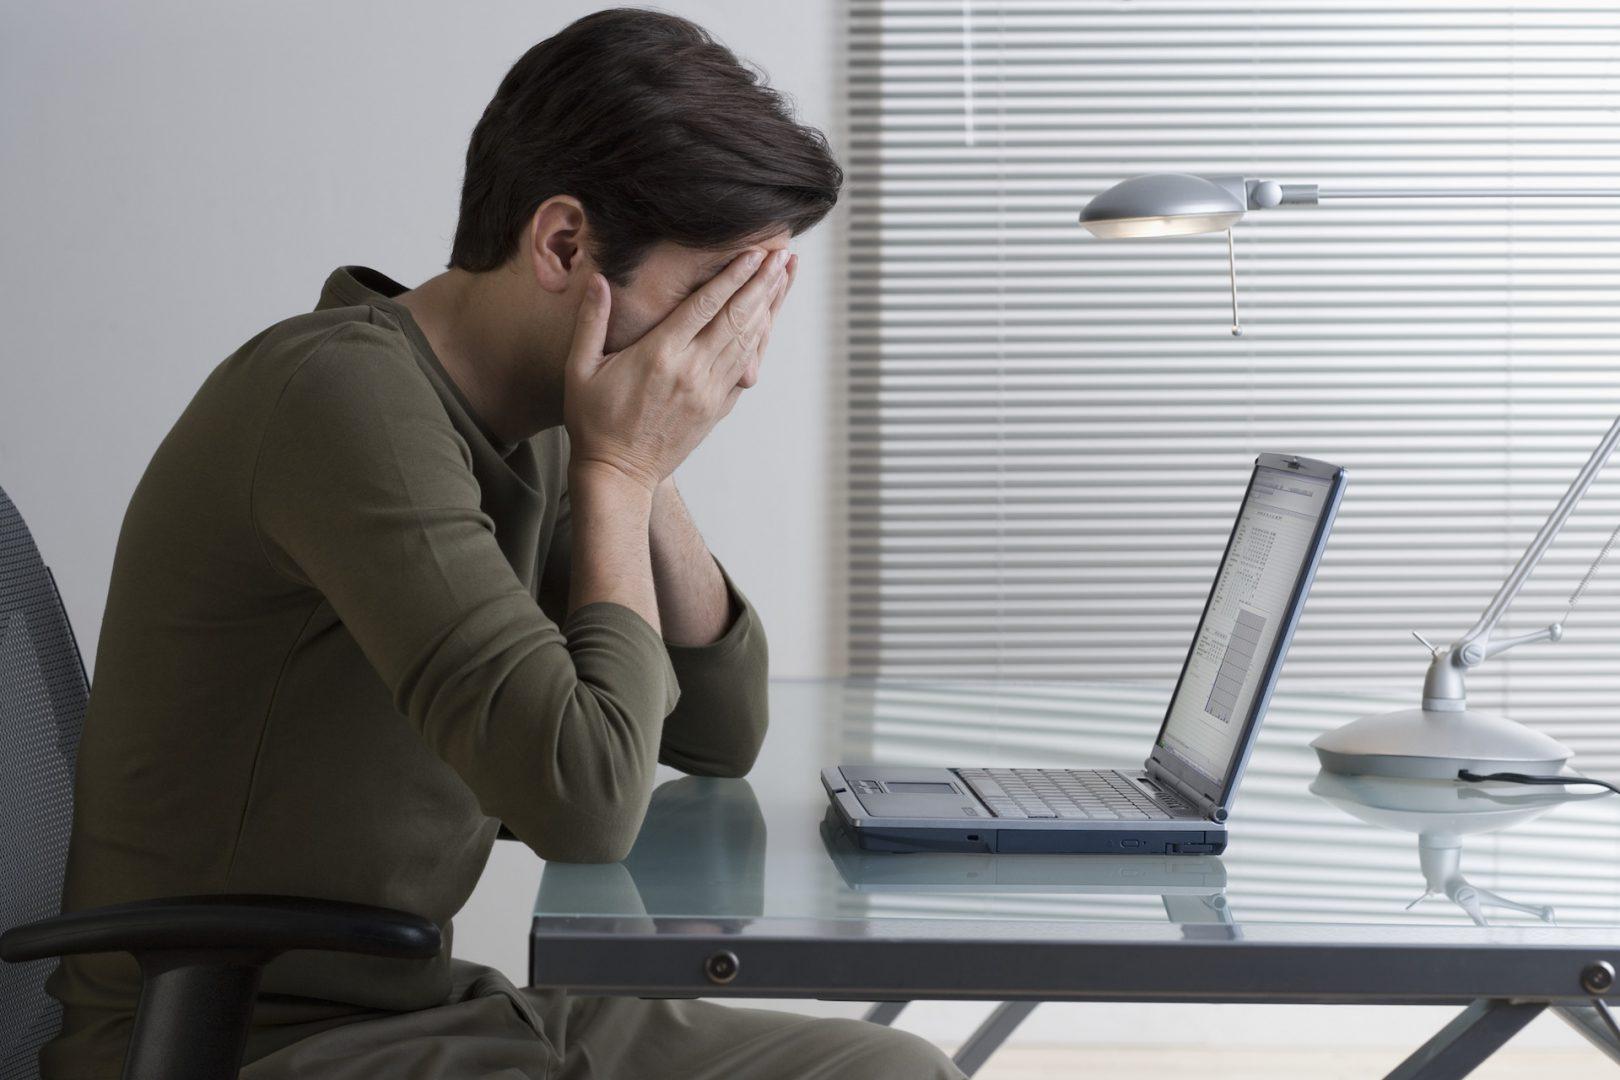 パソコンを前に悩んでいる人の写真